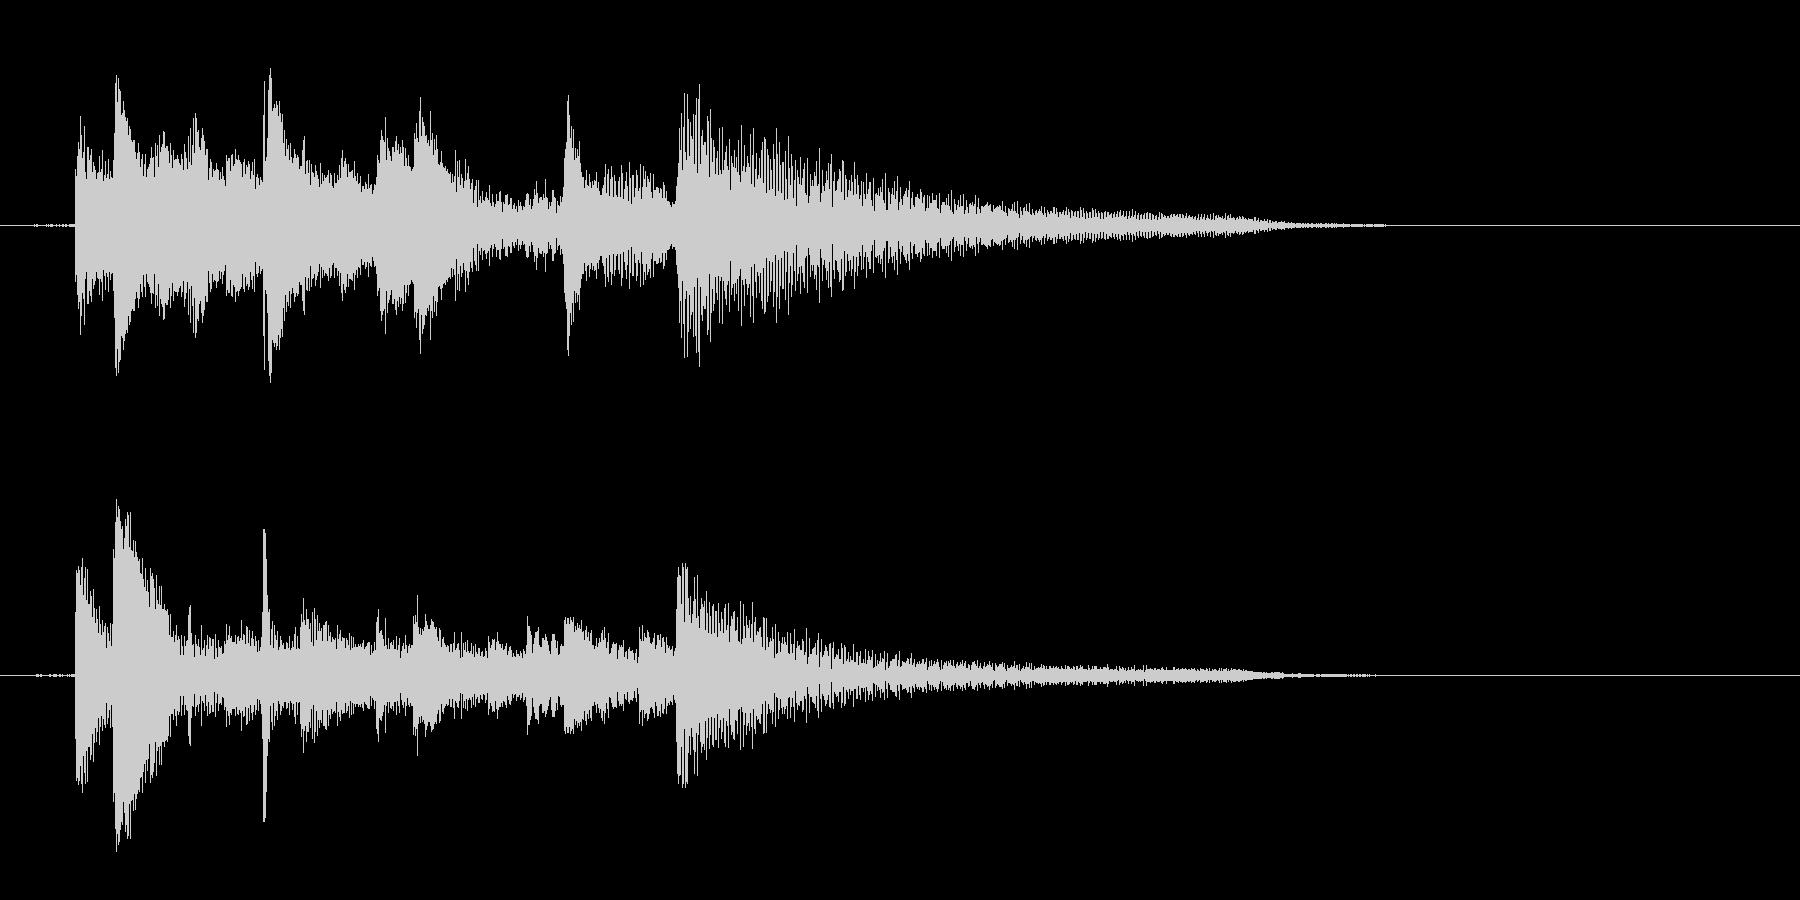 ピアノ、爽やか、下降アルペジオジングル2の未再生の波形